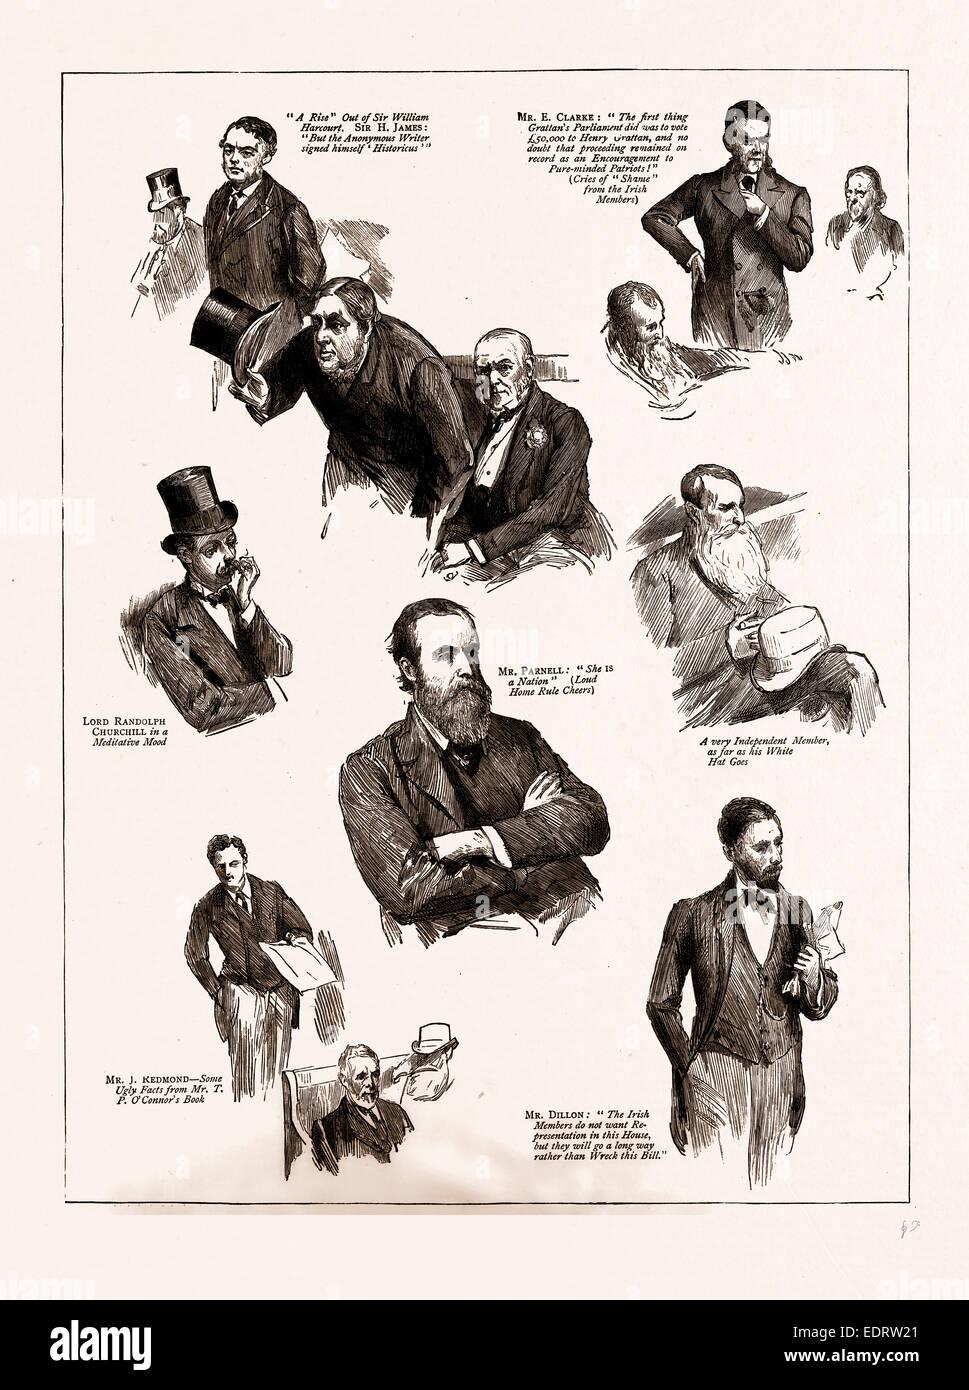 DER HOME RULE-DEBATTE: NOTIZEN IM HOUSE OF COMMONS, LONDON, UK, 1886 Stockbild